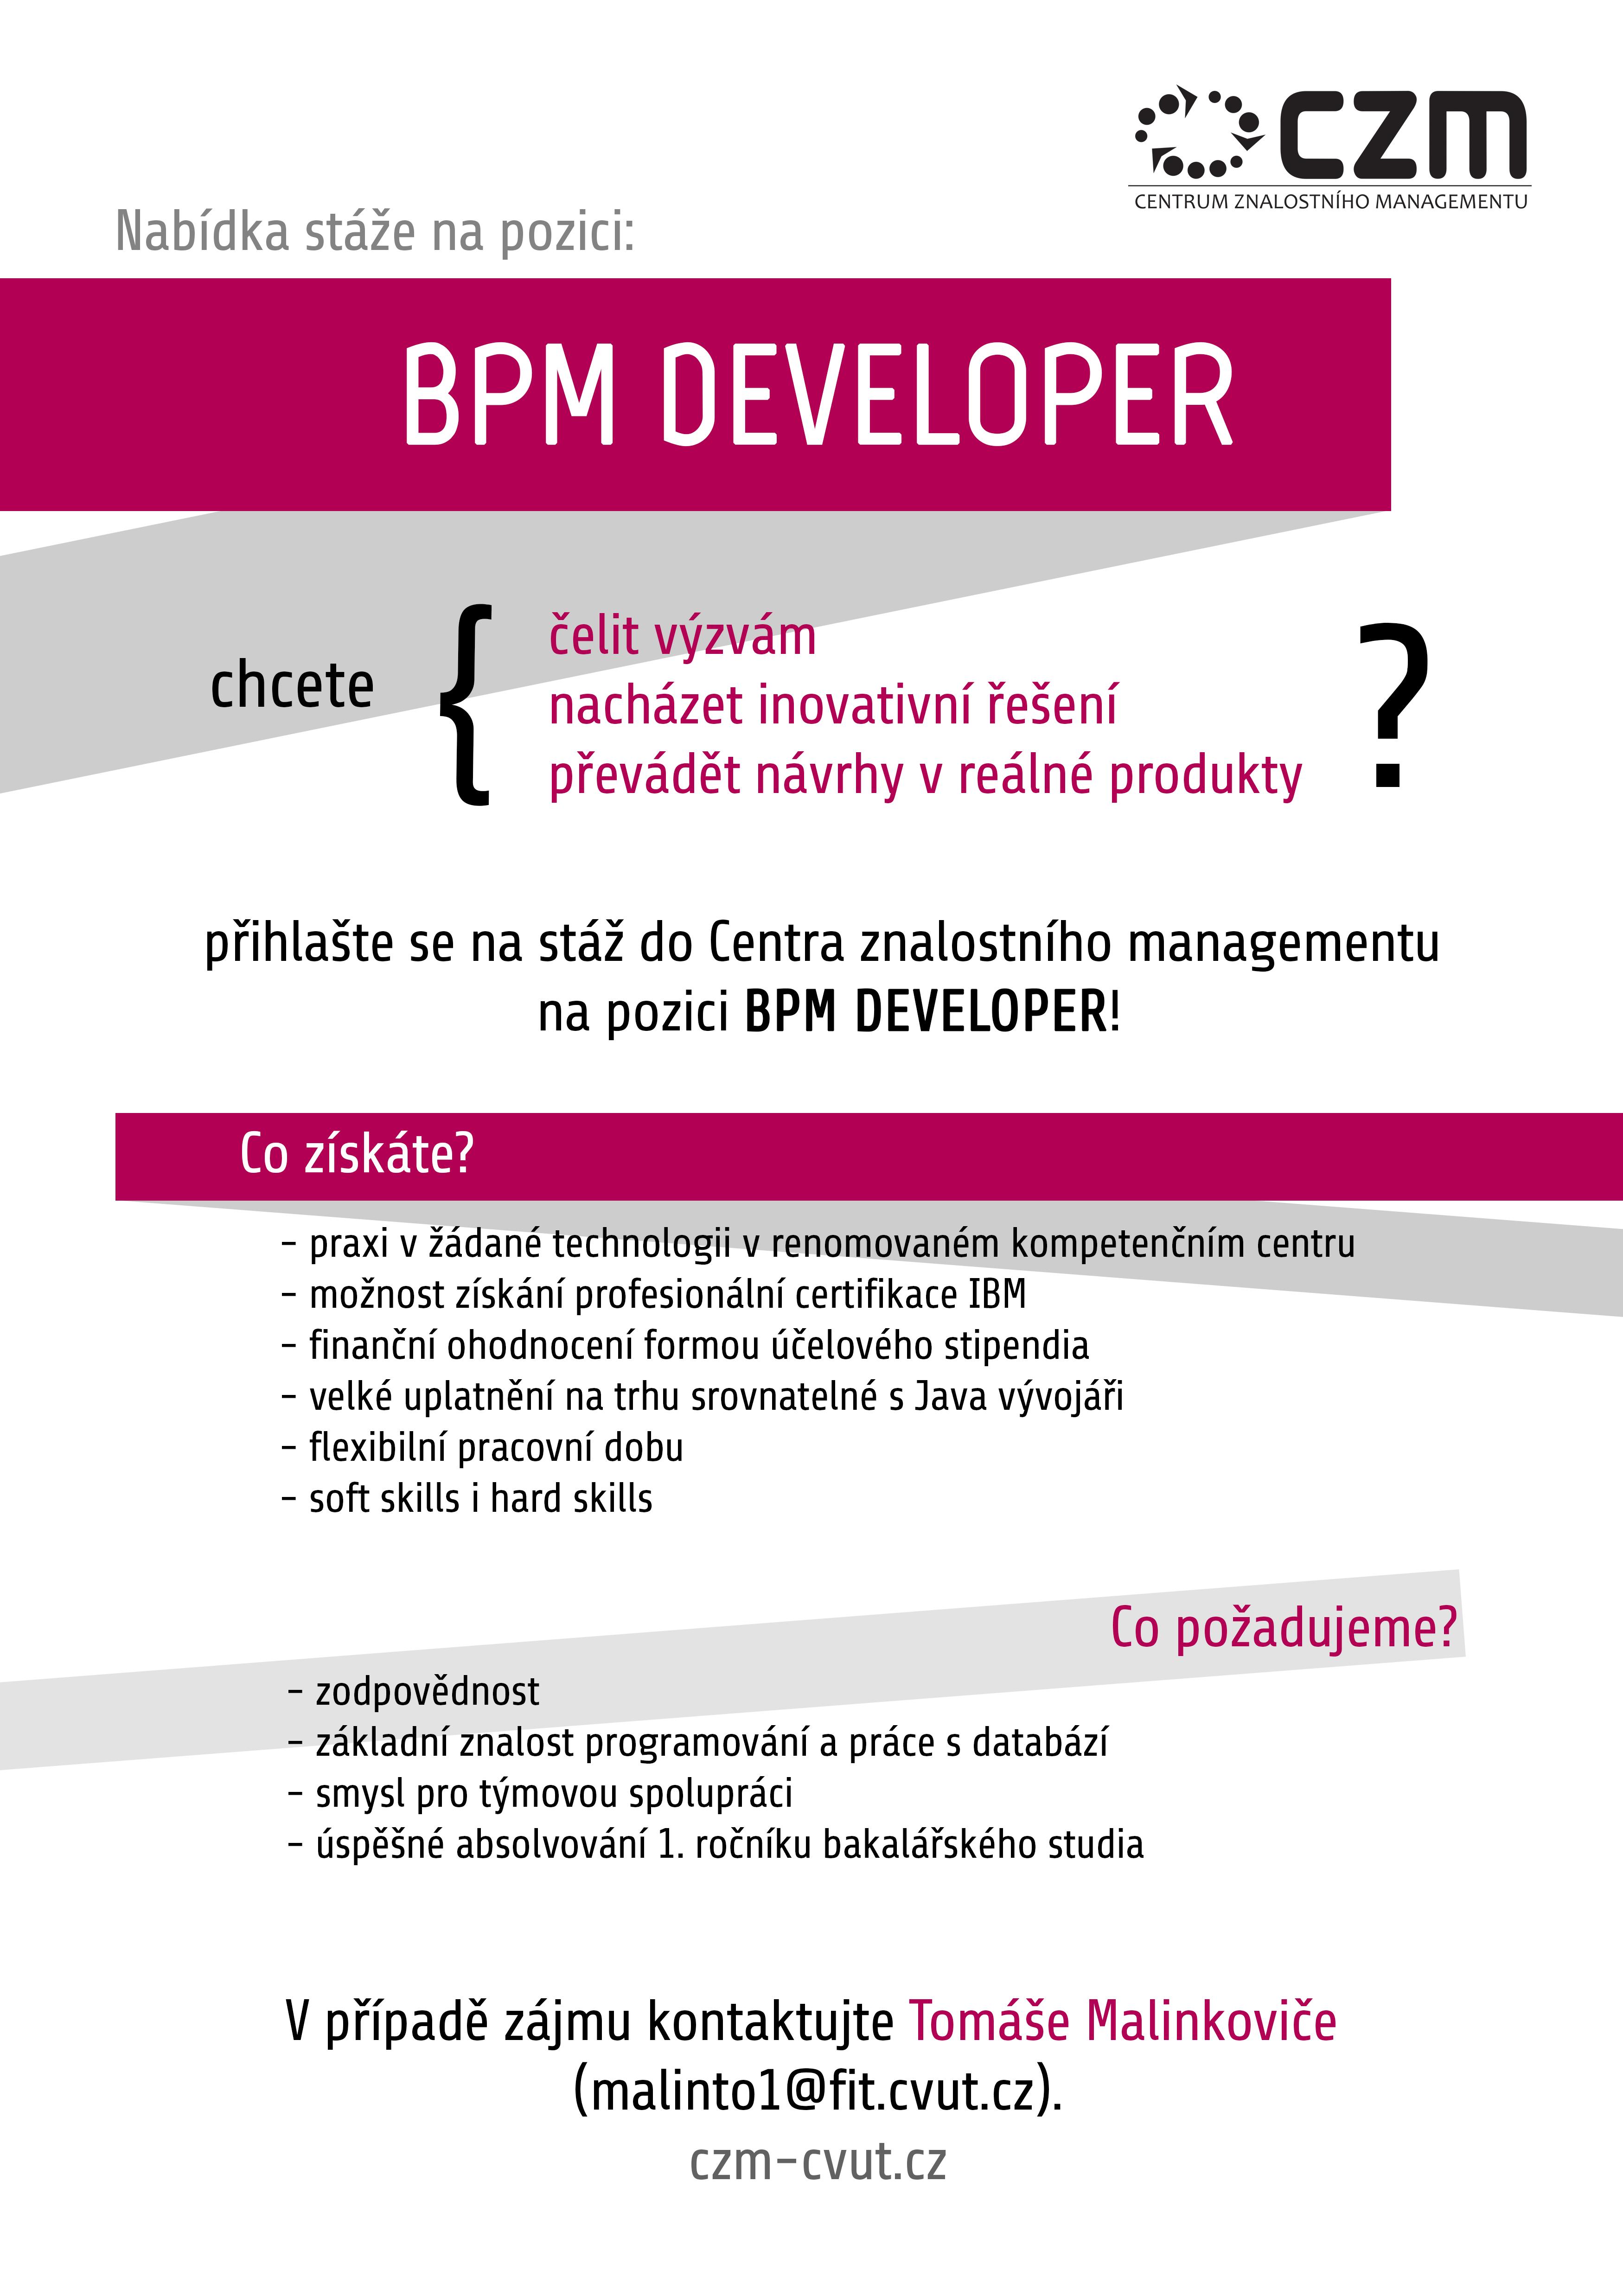 BPM Developer job